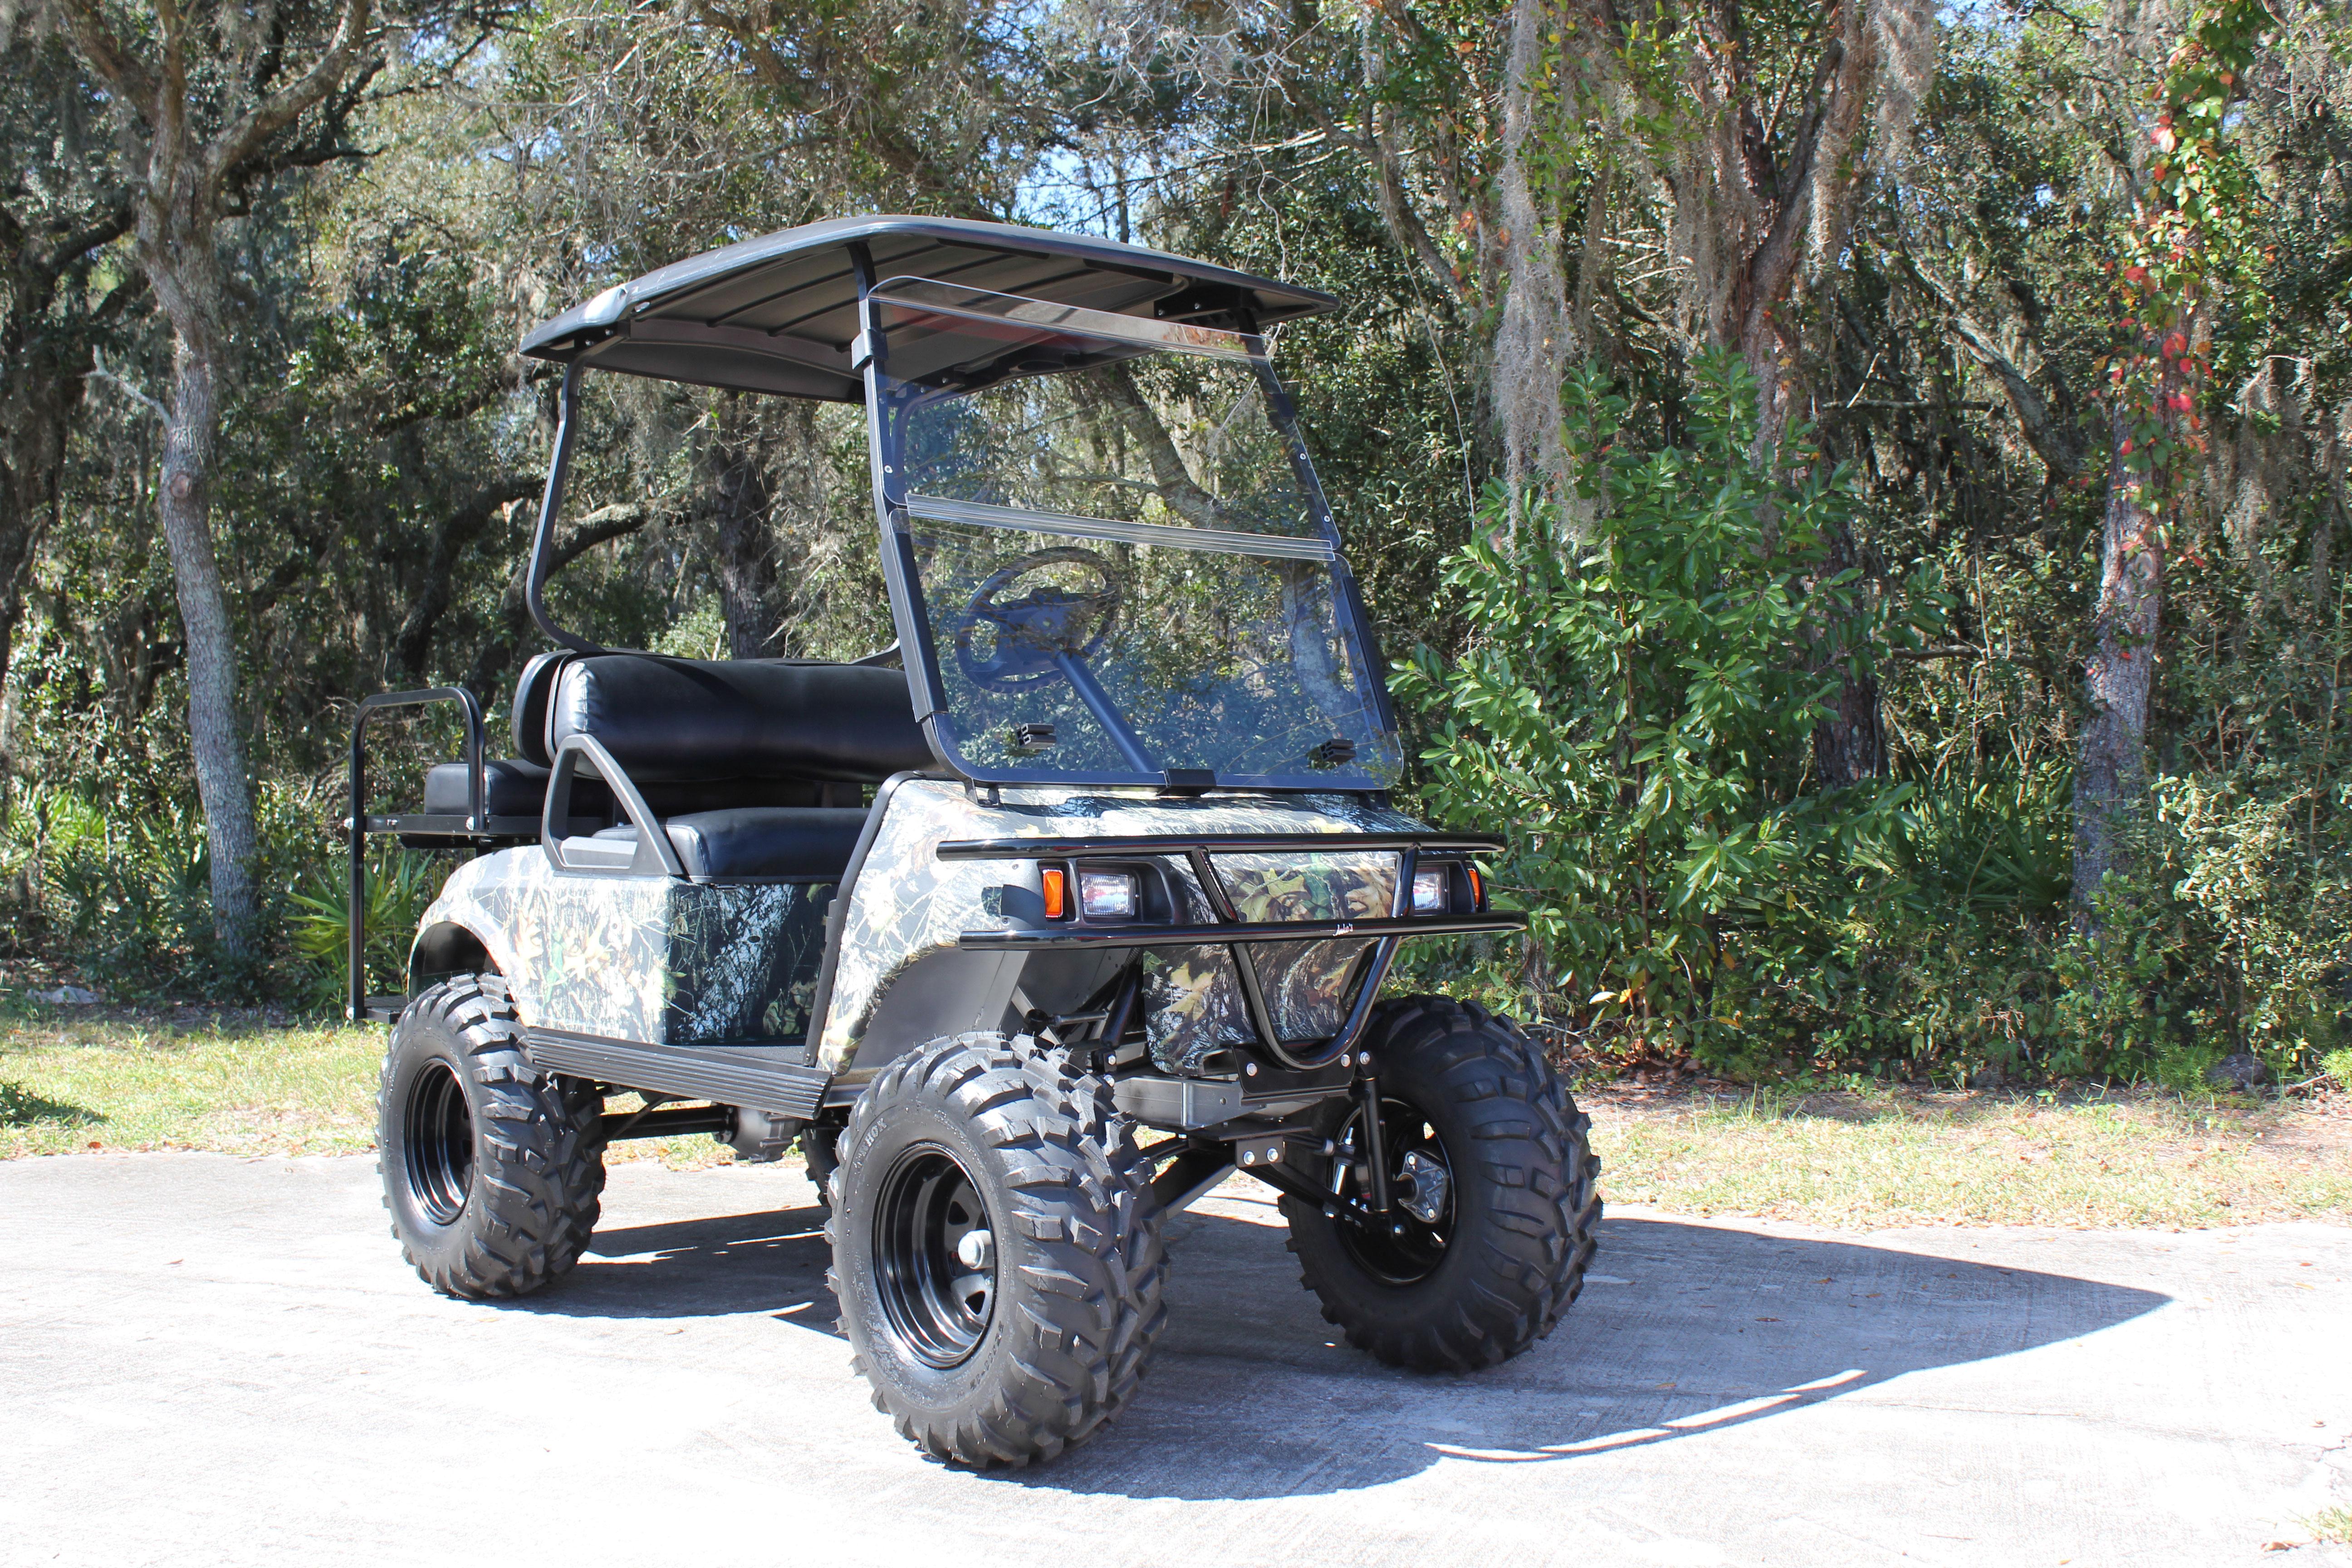 Ezgo Engine also 331882467433 further Kawasaki Golf Cart Engines additionally  on golf cart engine fj400 kawasaki